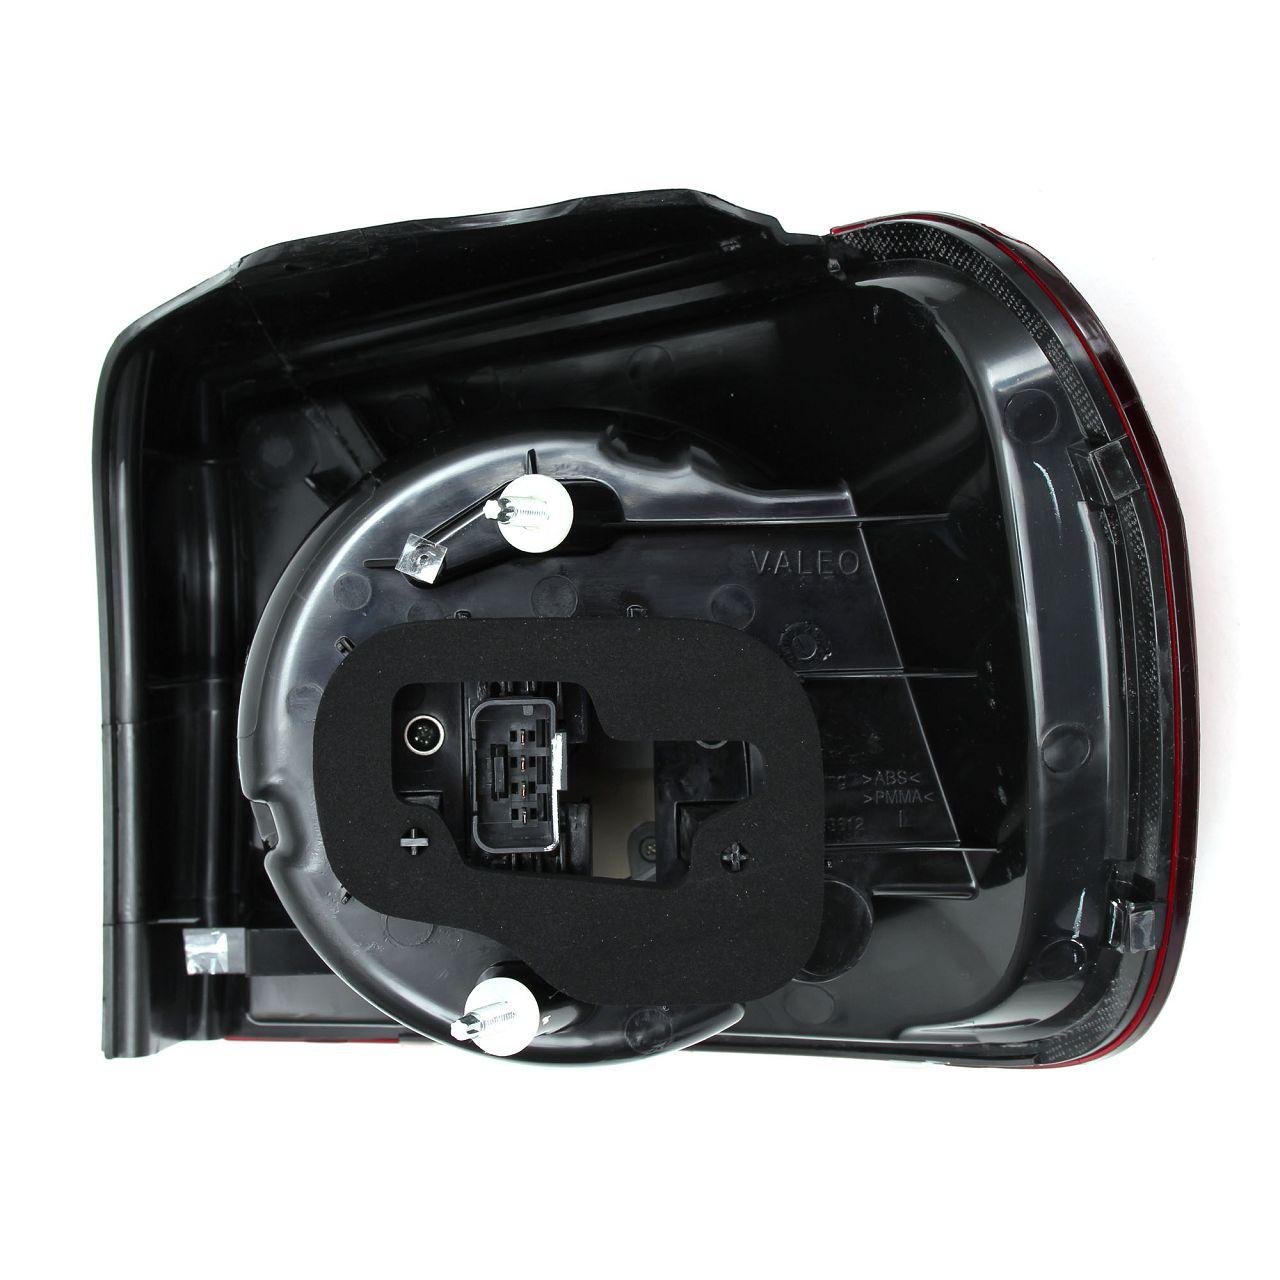 VALEO Rückleuchte LED für VW GOLF PLUS (5M1, 521) ab 2009 hinten außen links